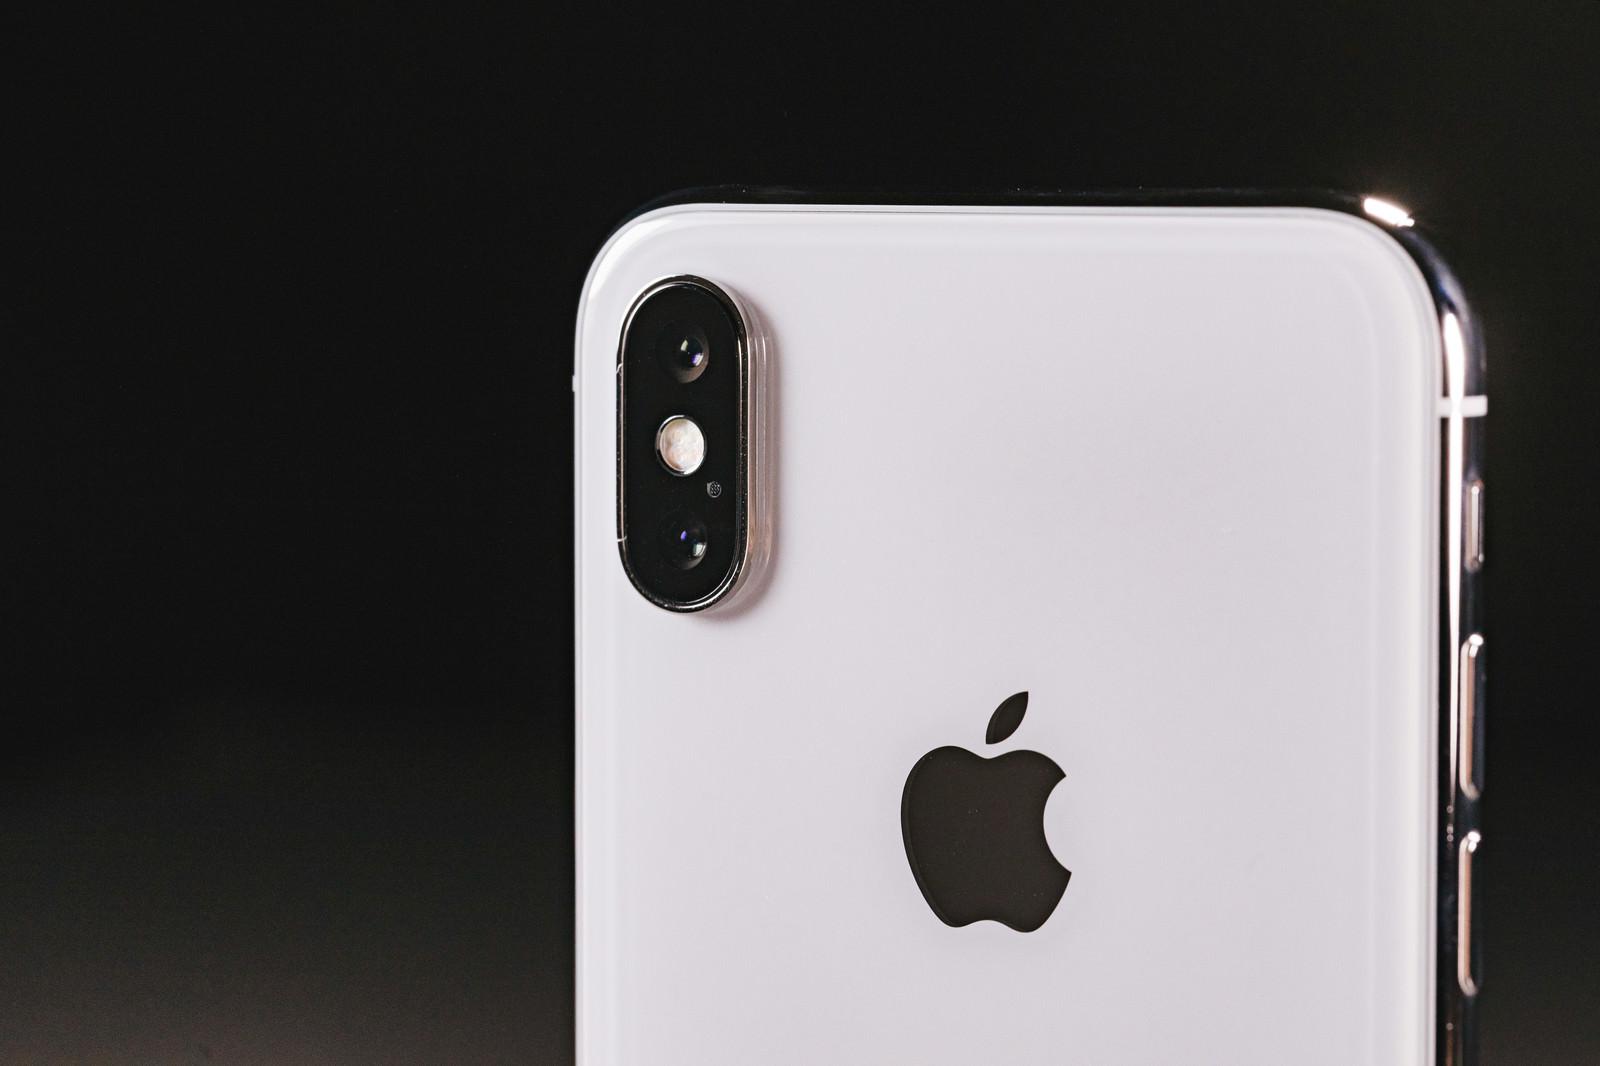 「望遠と広角がついたデュアルレンズのスマートフォン   写真の無料素材・フリー素材 - ぱくたそ」の写真